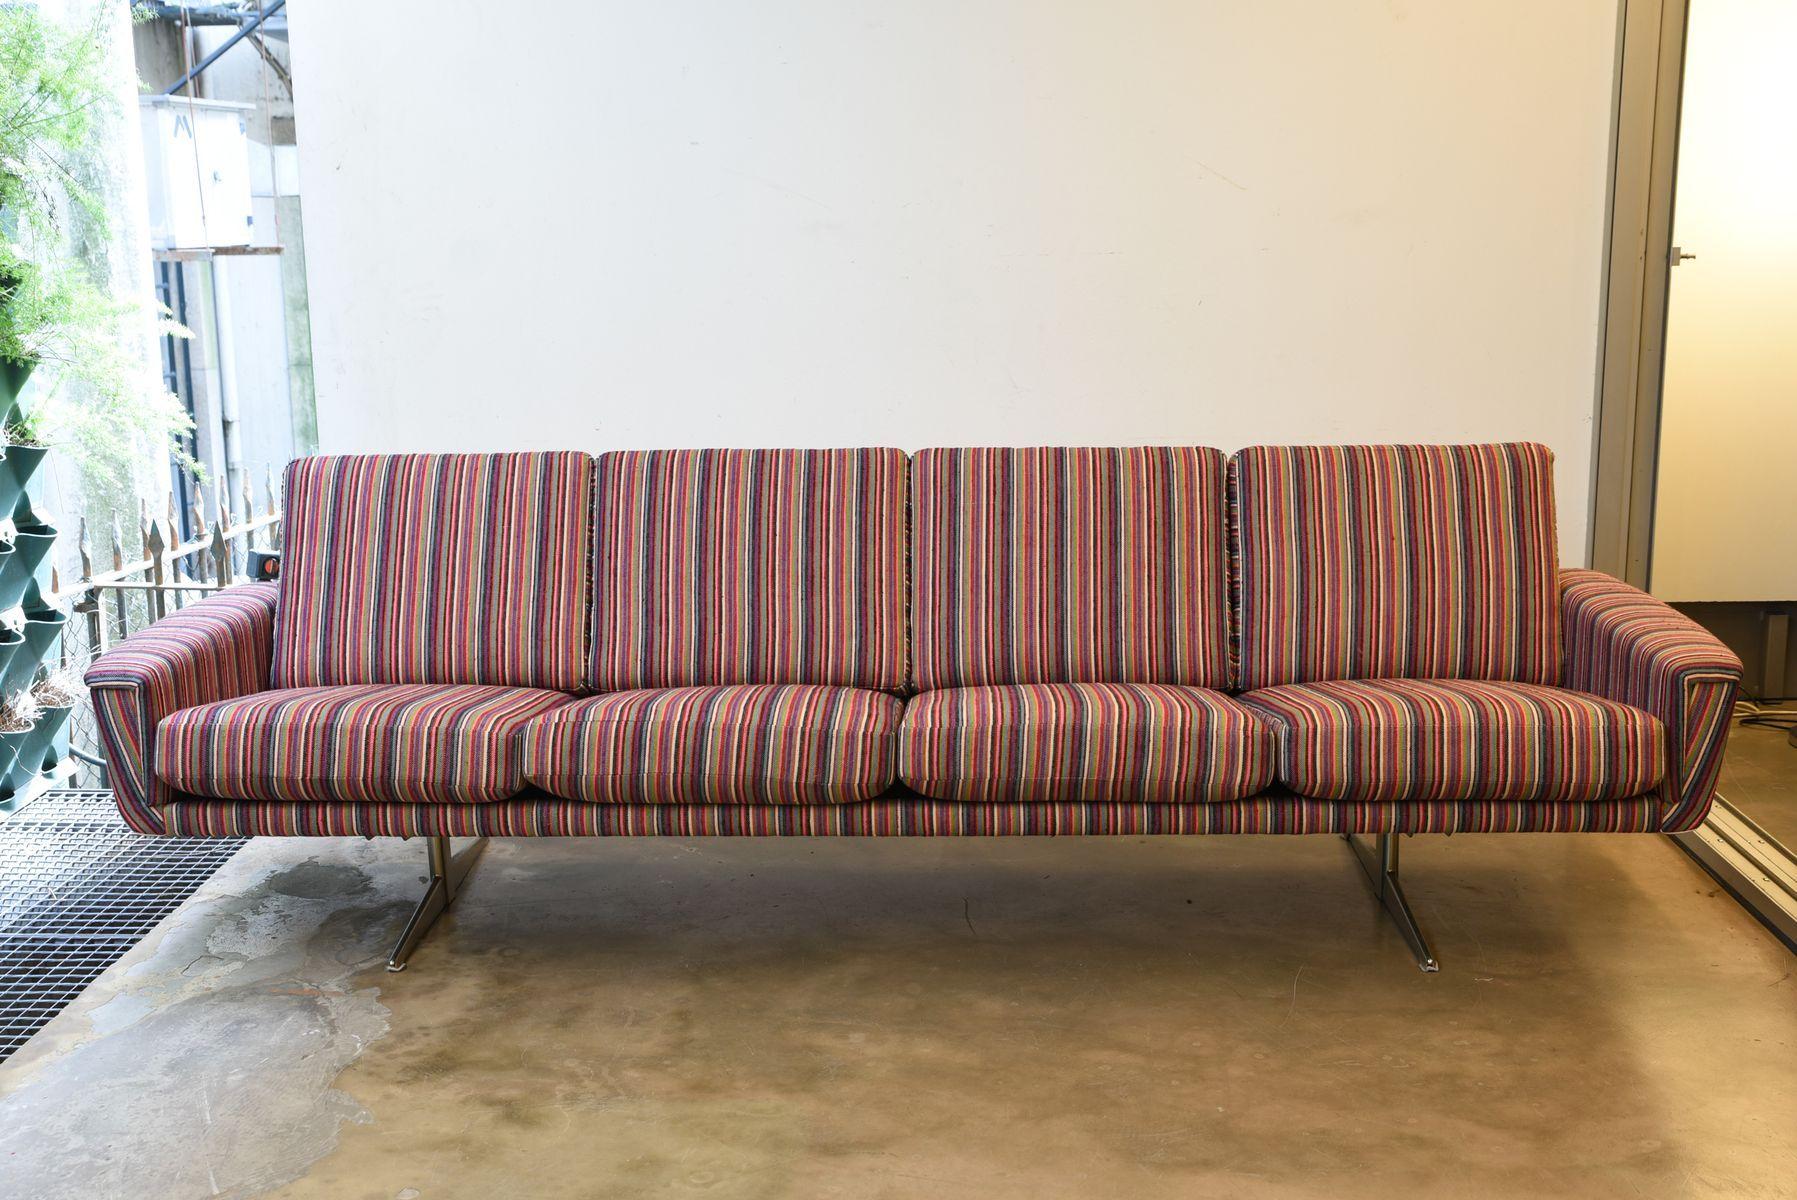 gebrauchtes big sofa kaufen | moderne wohnzimmer couch ...